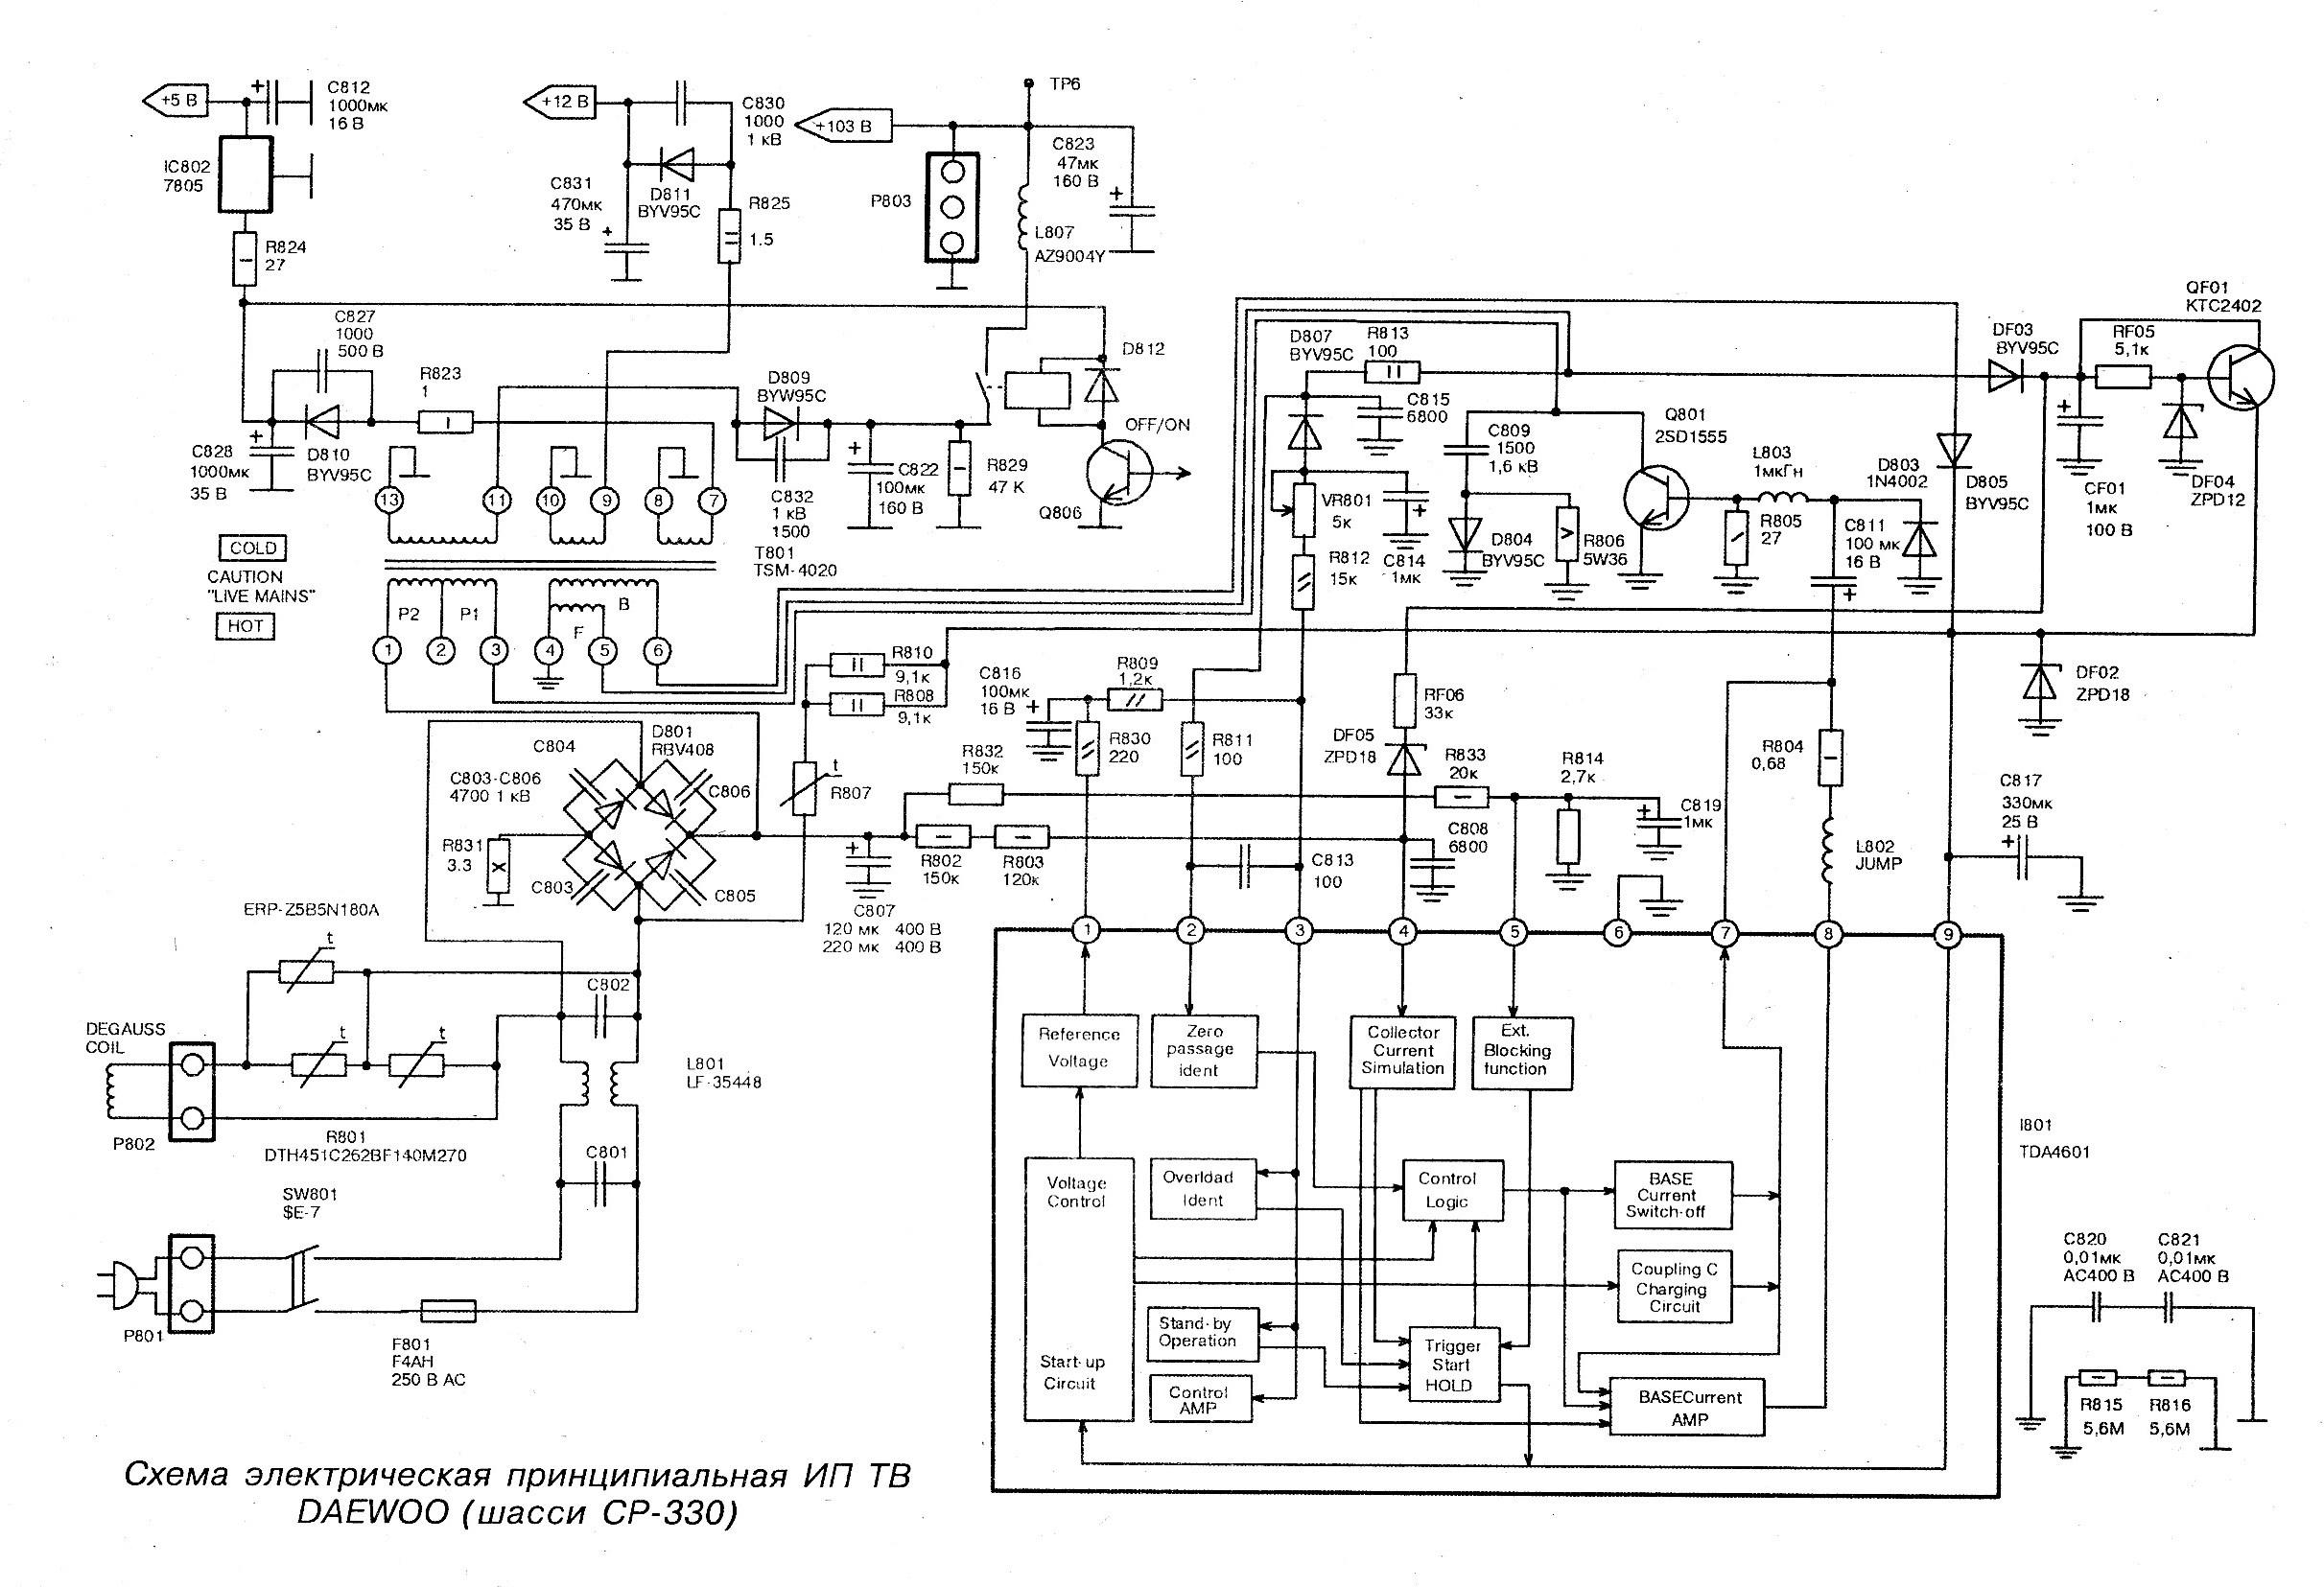 Схемы телевизора акира